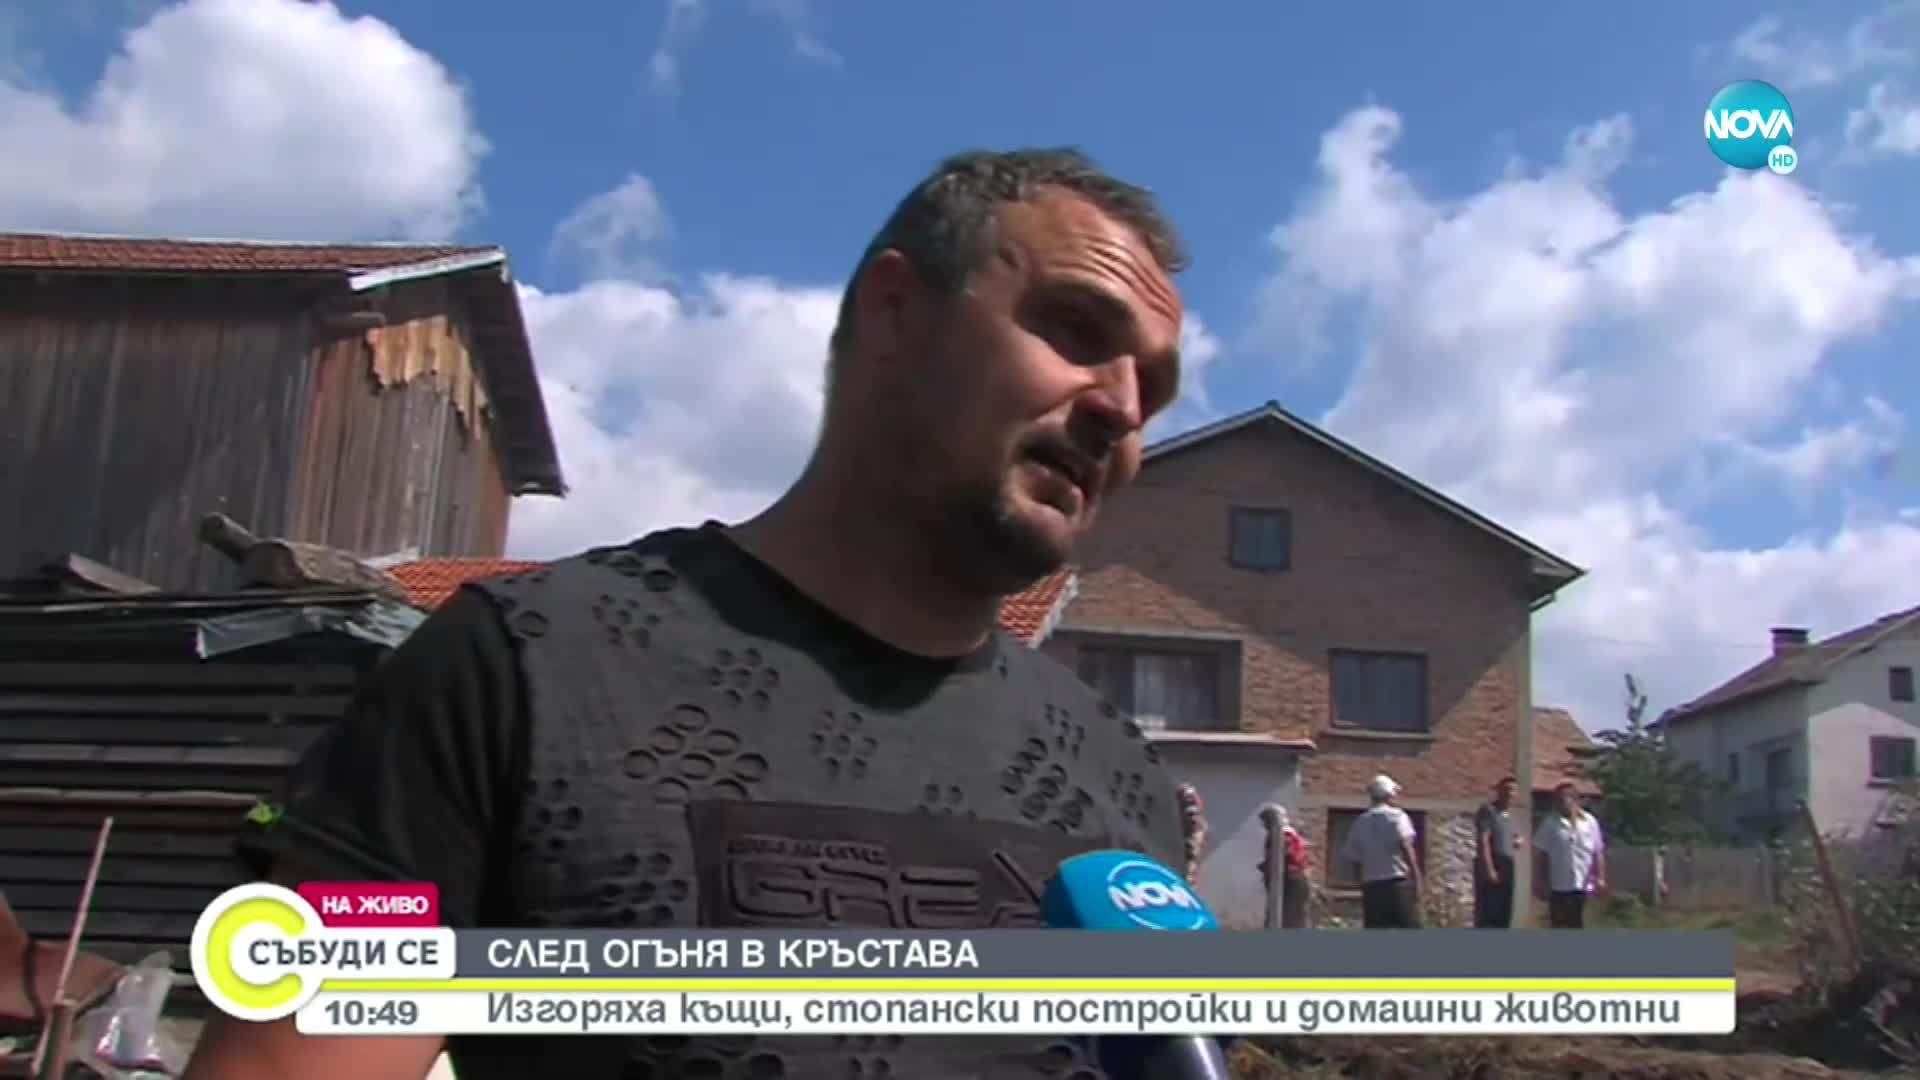 Пожар унищожи къщи в село Кръстава